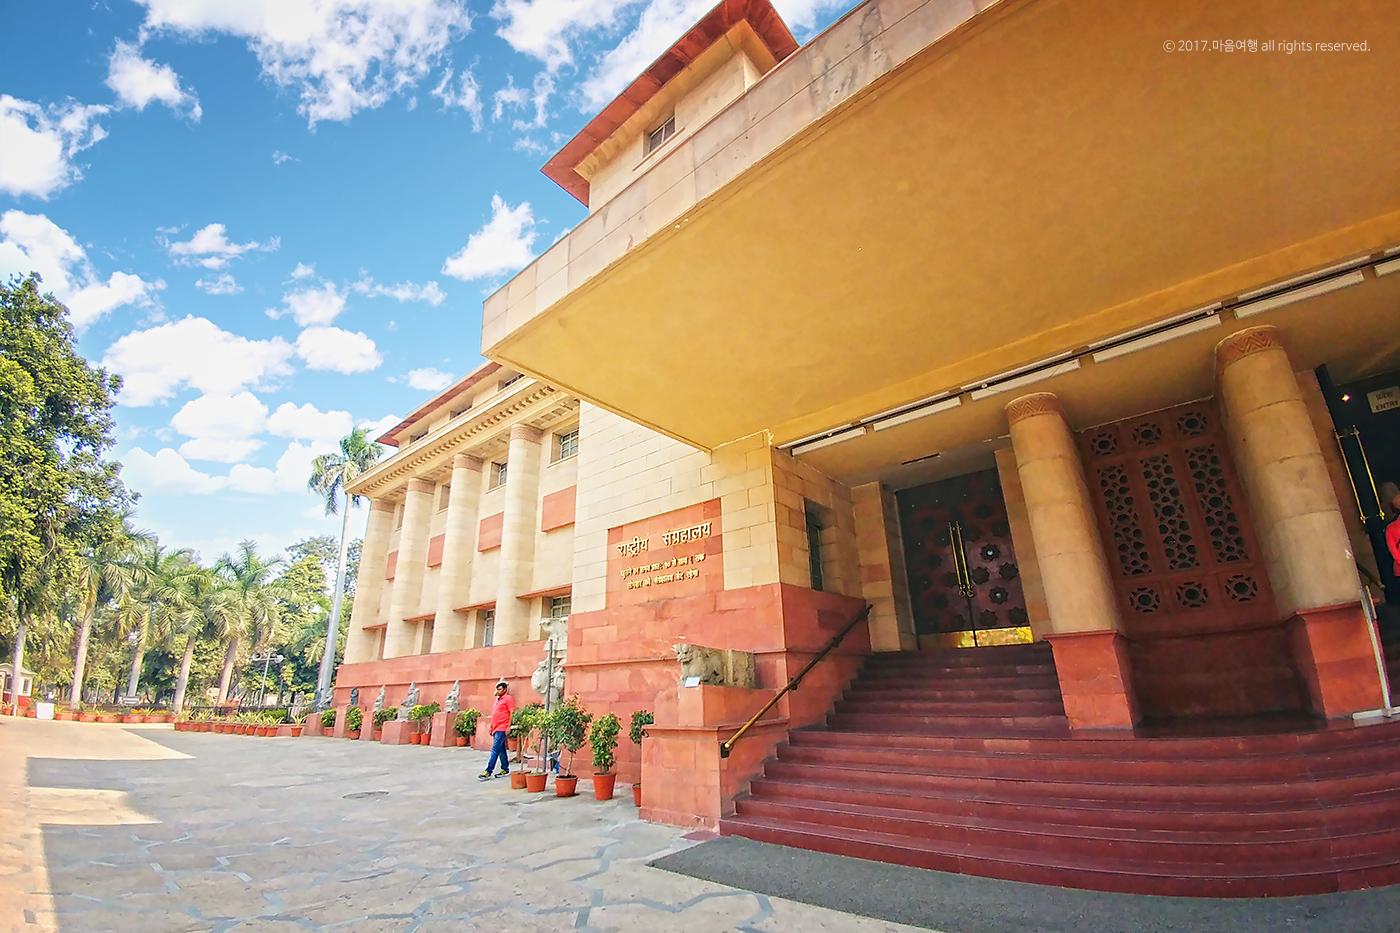 뉴델리 국립박물관